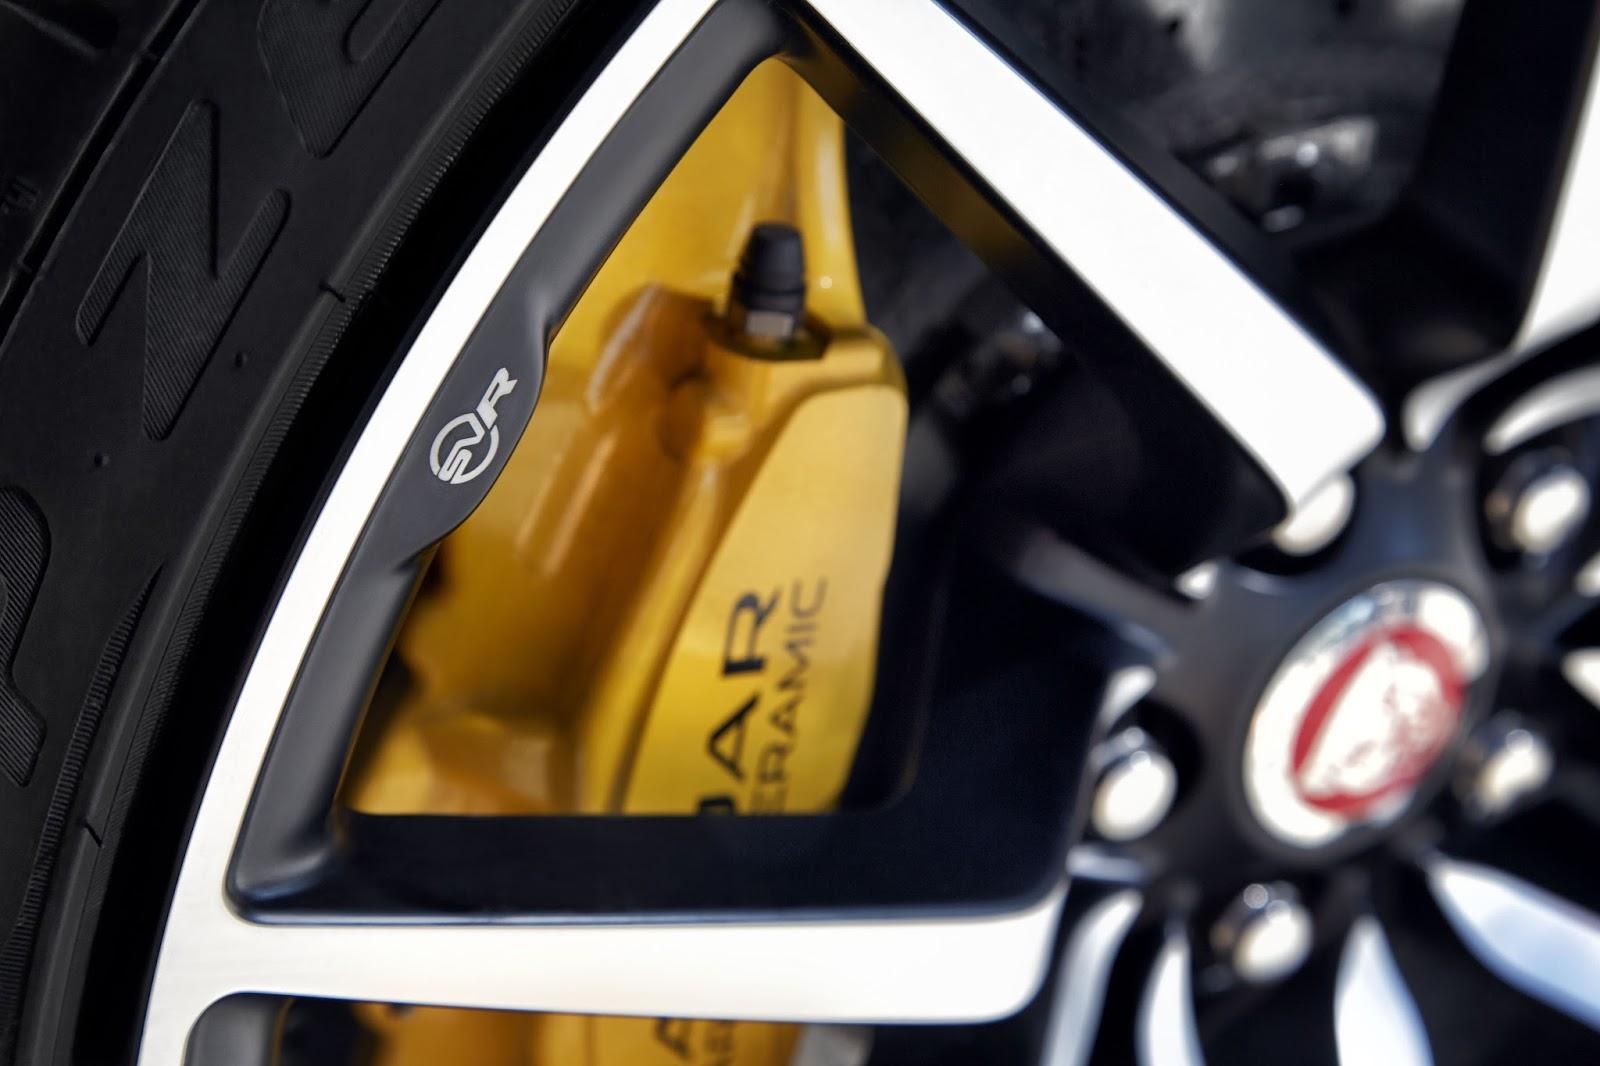 Xe được trang bị phanh gốm cực bền, cực an toàn